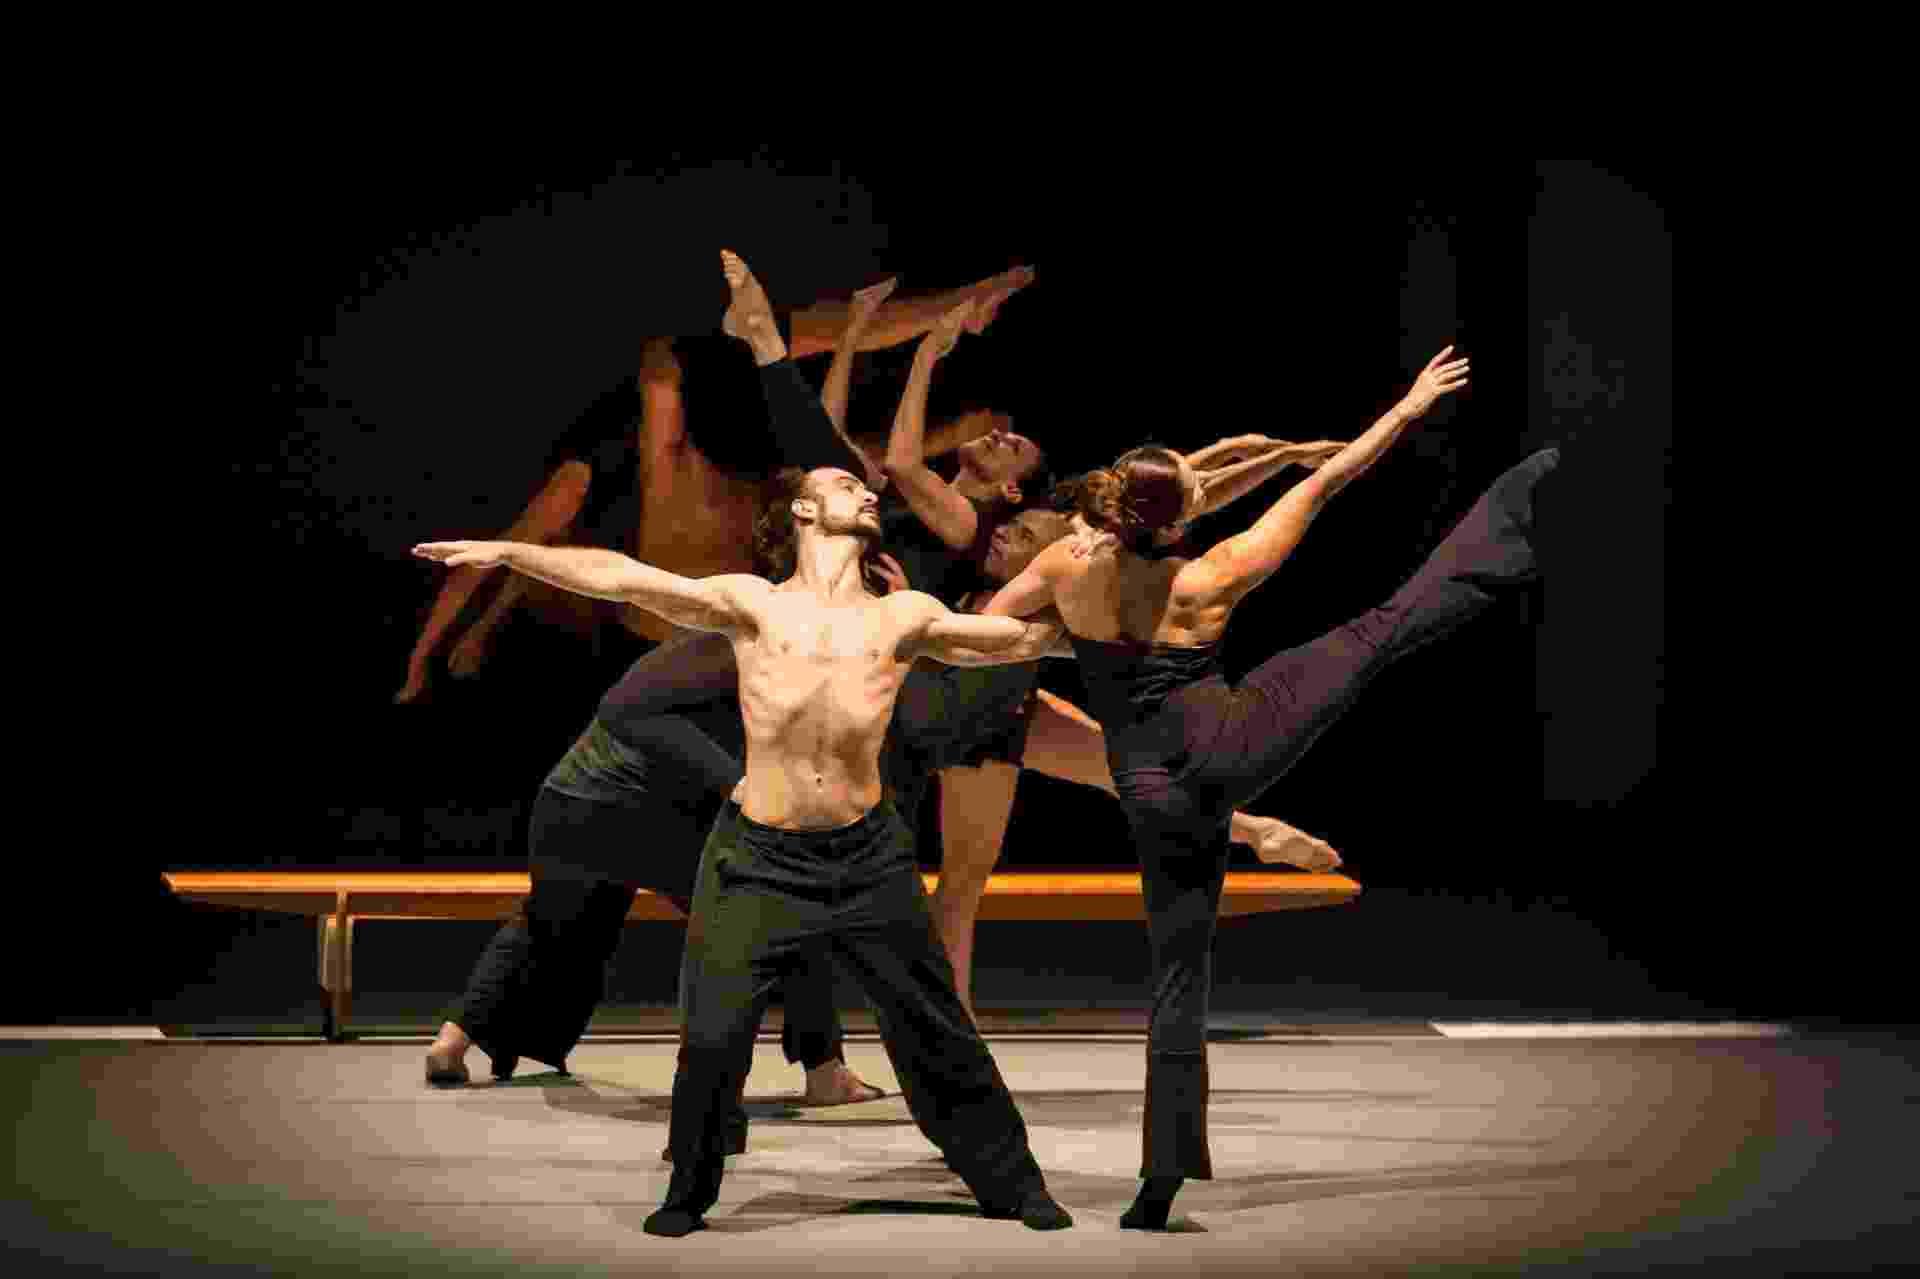 """Espetáculo de dança """"Sala de Ensaio"""" que chega dia 15 de abril ao Auditório Masp - Renan Livi - Produtora BolhaSet"""